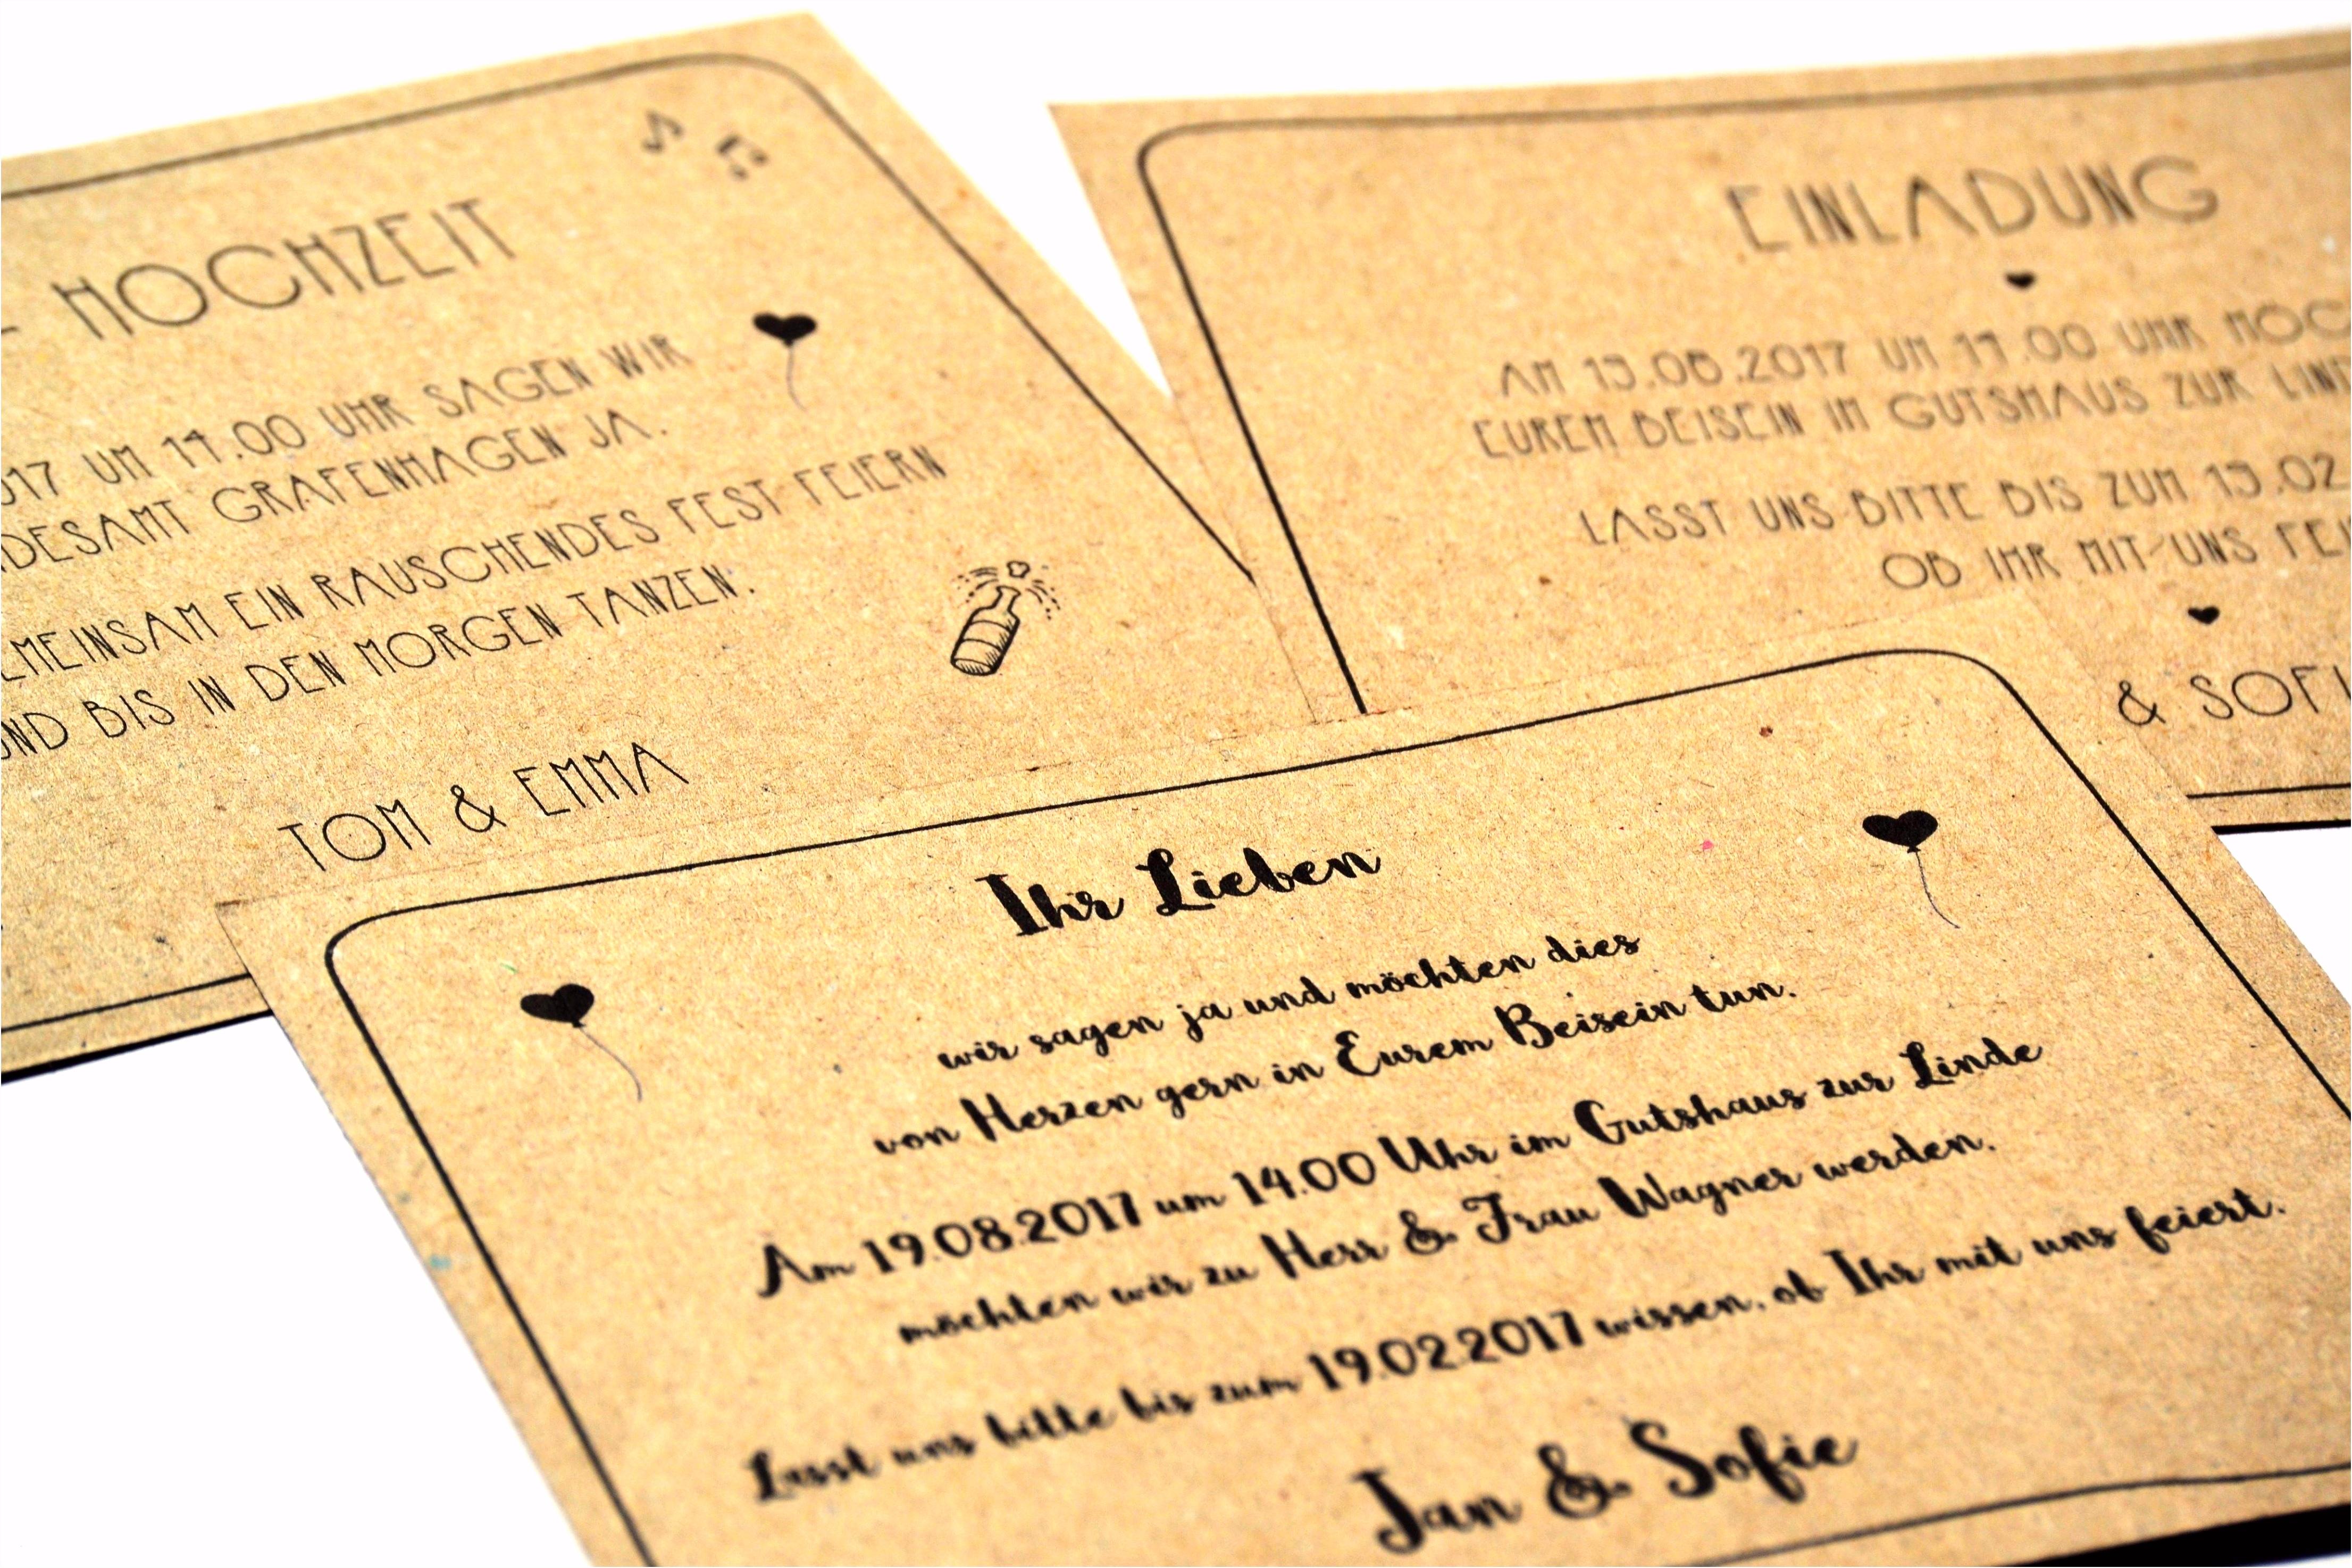 Danksagung Geburt Vorlage Dankesschreiben Geburtstag Vorlagen Trauerkarten Danksagung Vorlagen T2rd96jxc4 N6cxu2btu4